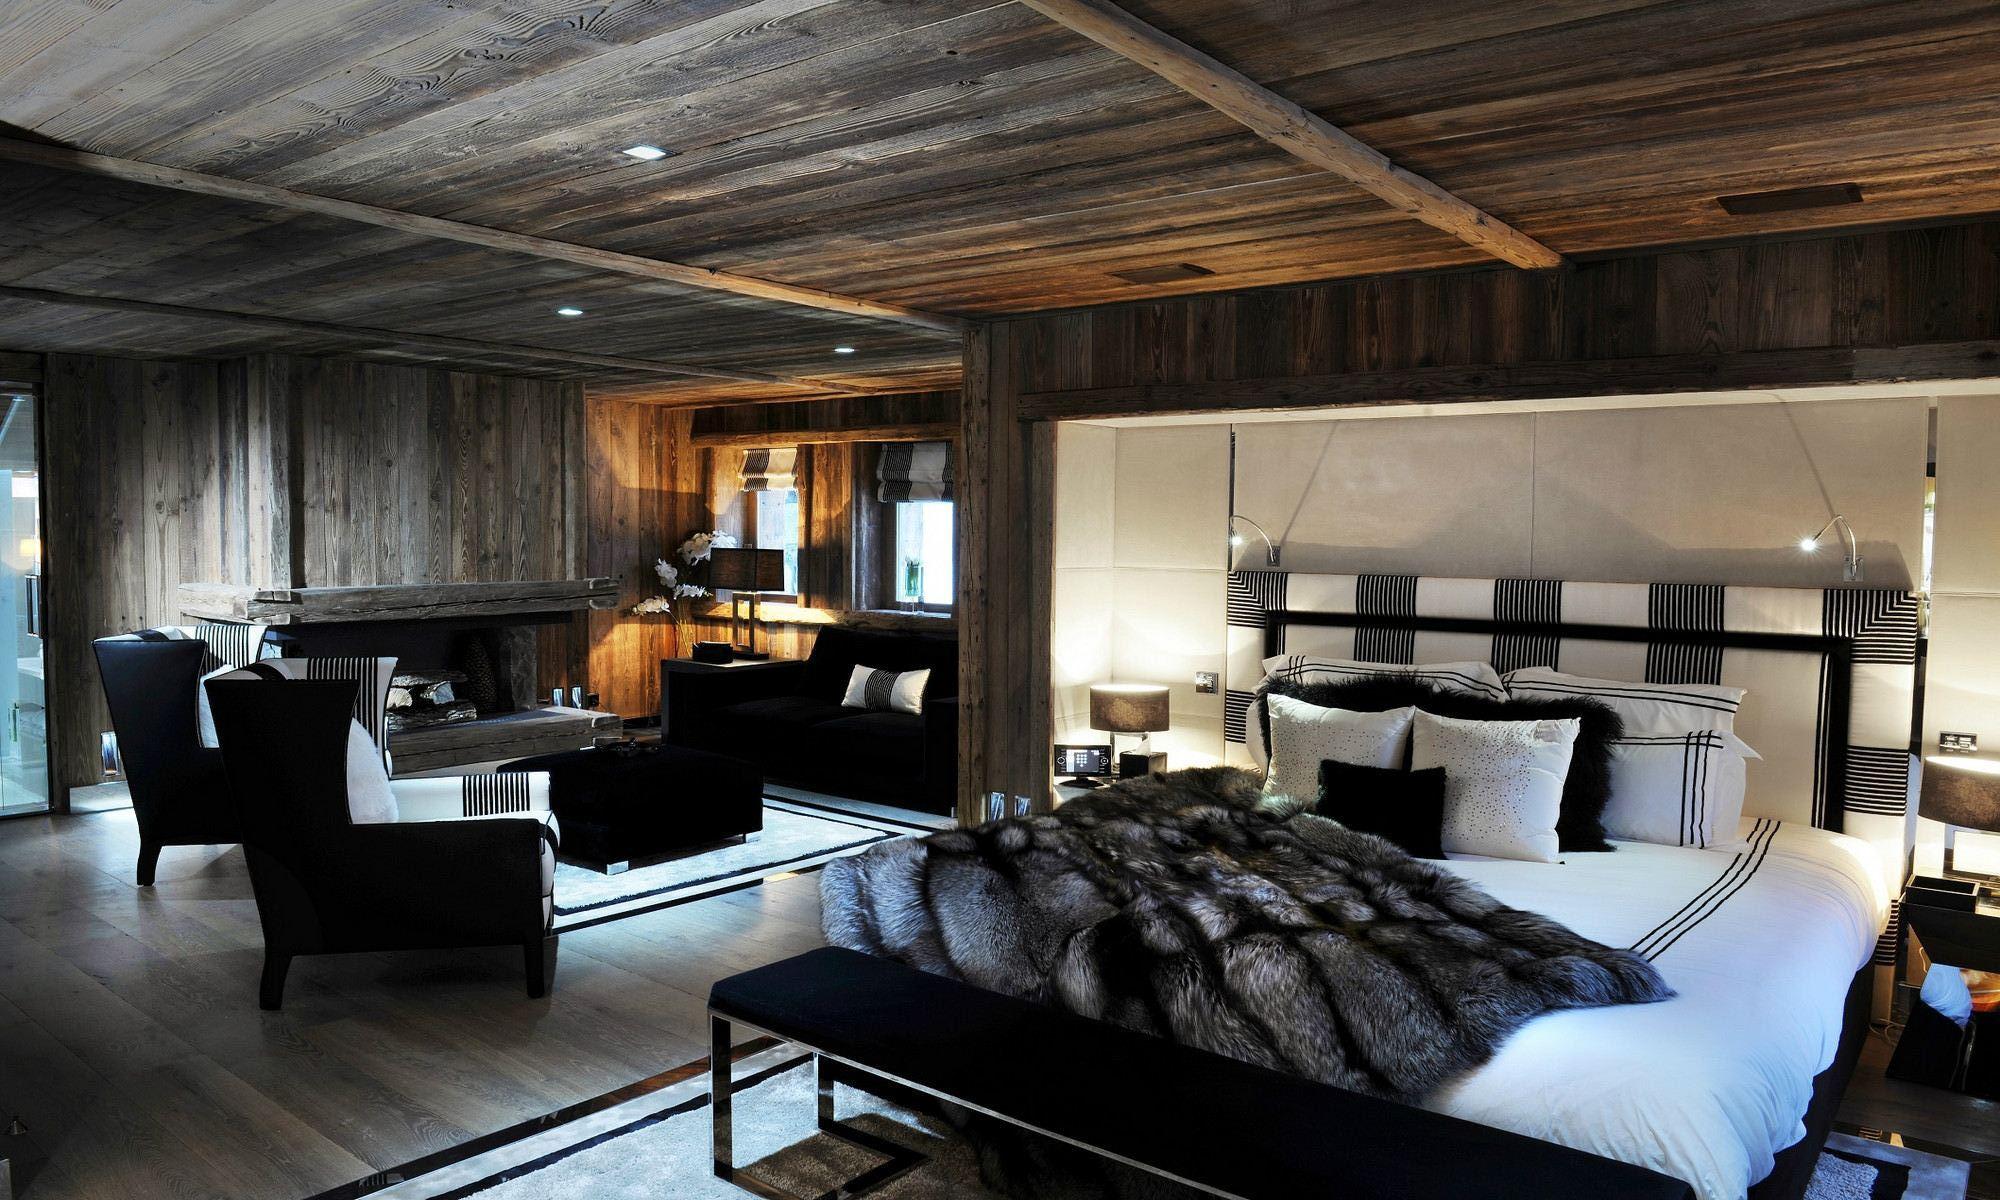 Частный односемейный дом для того Продажа на Megève Luxury Chalet Cocon Megeve, Рона-Альпы 74120 Франция